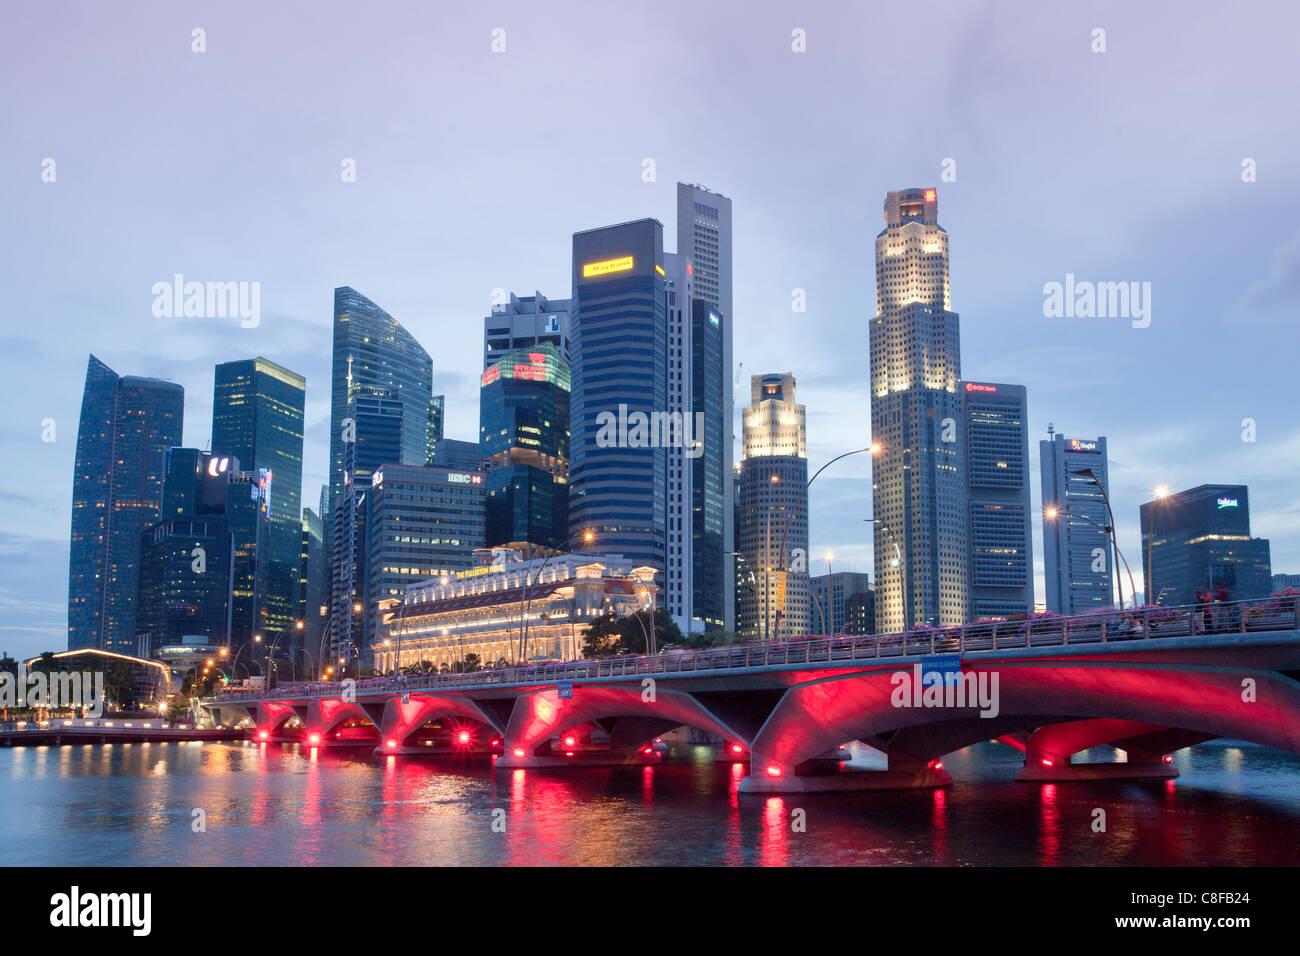 Singapur, Asia, Centro, puente, luces, iluminación, rojo, rascacielos, edificios de apartamentos, edificios Imagen De Stock